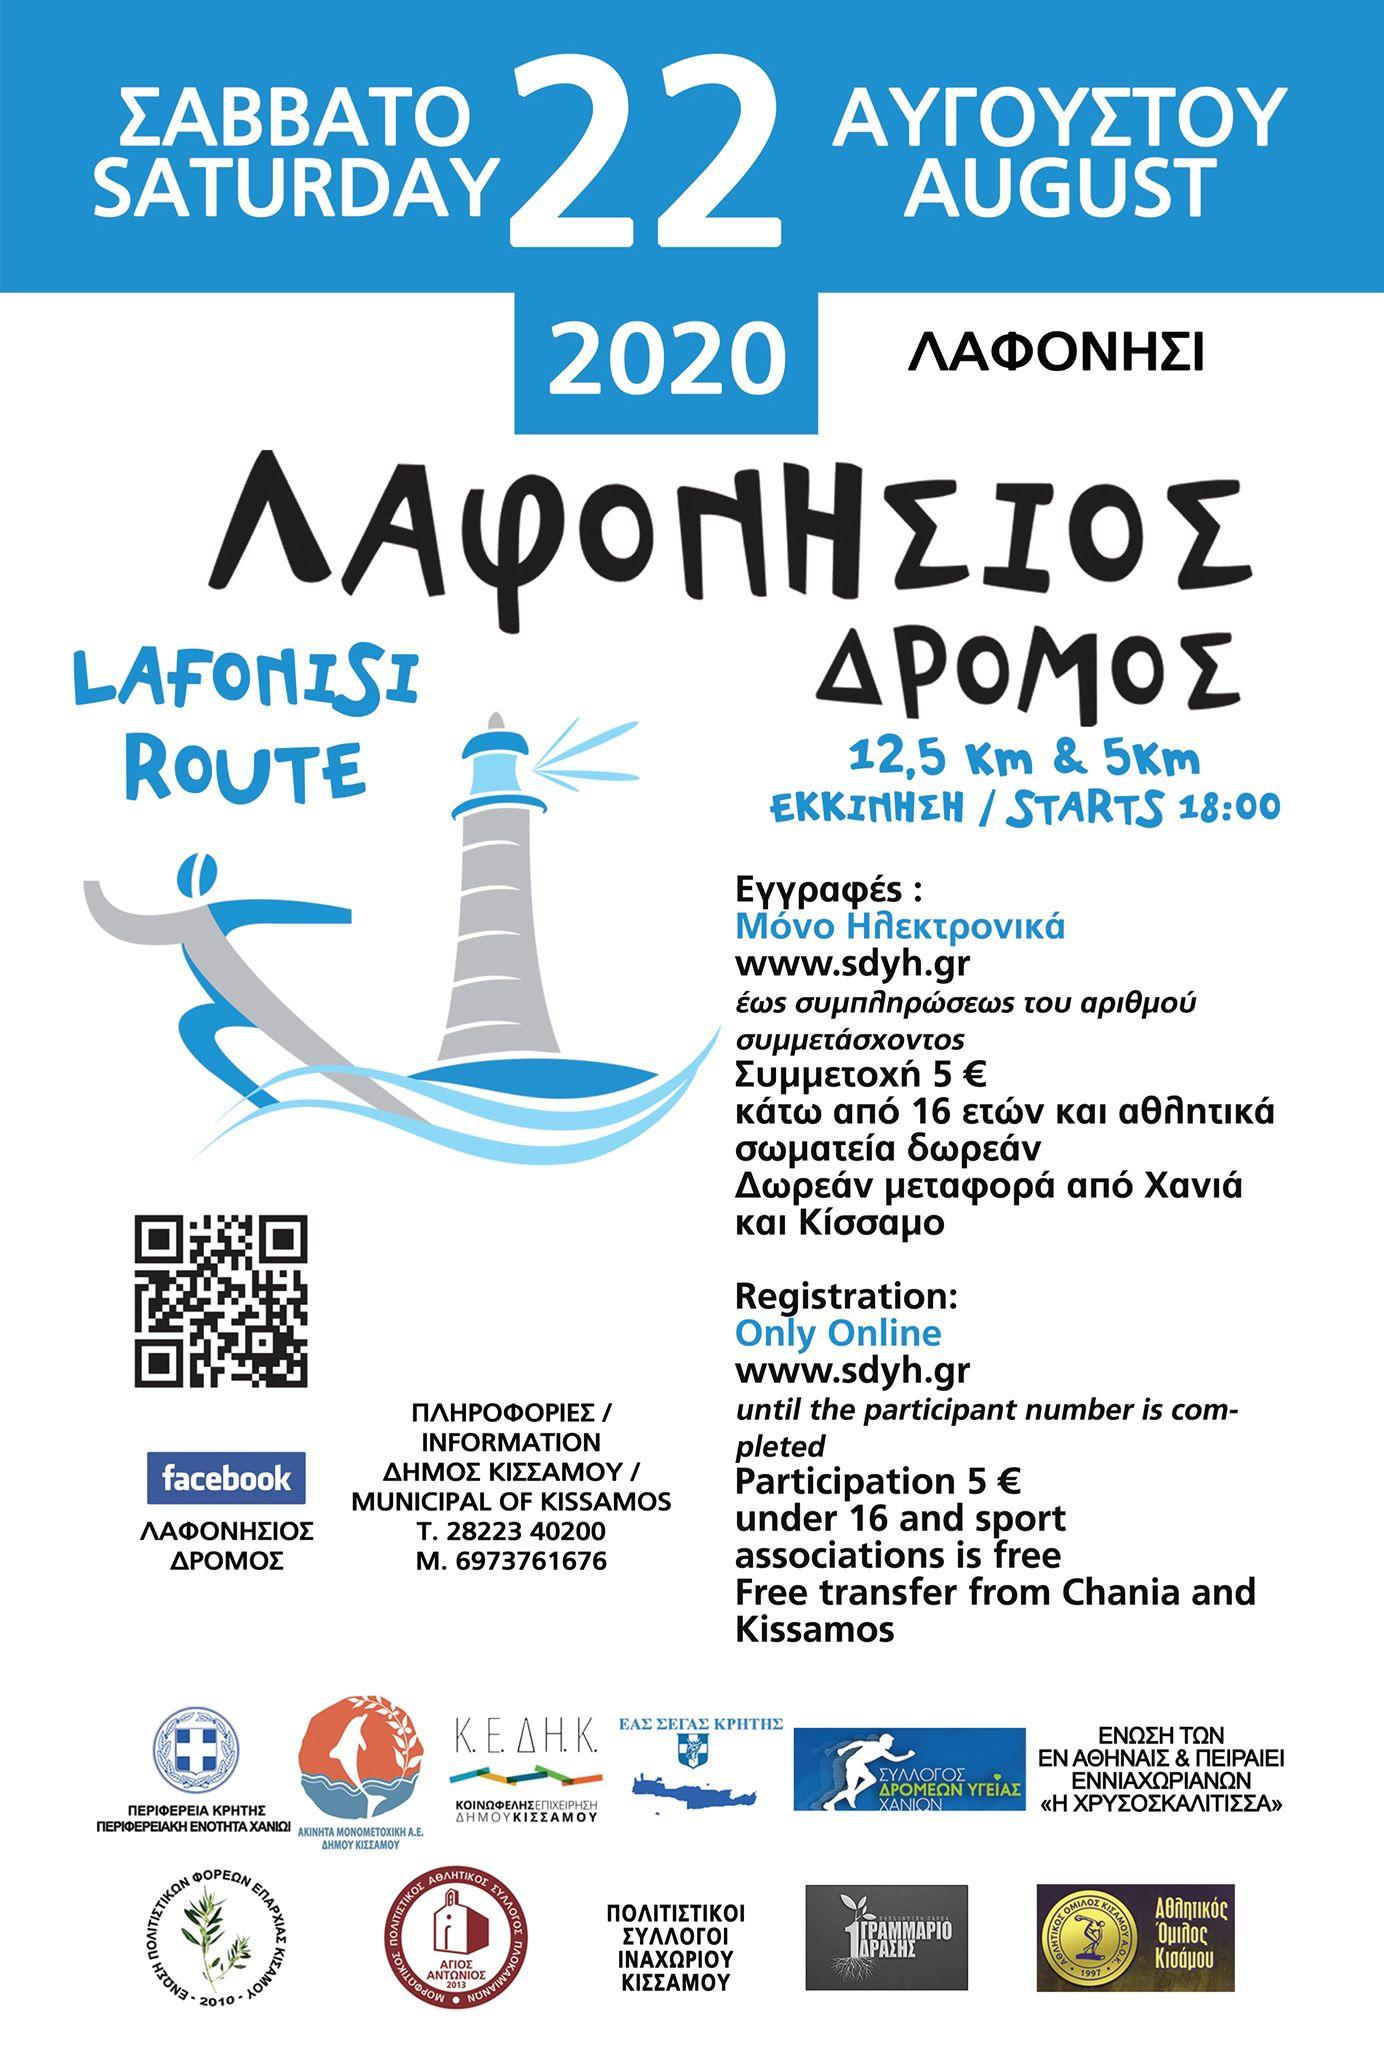 ΛΑΦΟΝΗΣΙΟΣ ΔΡΟΜΟΣ 2020